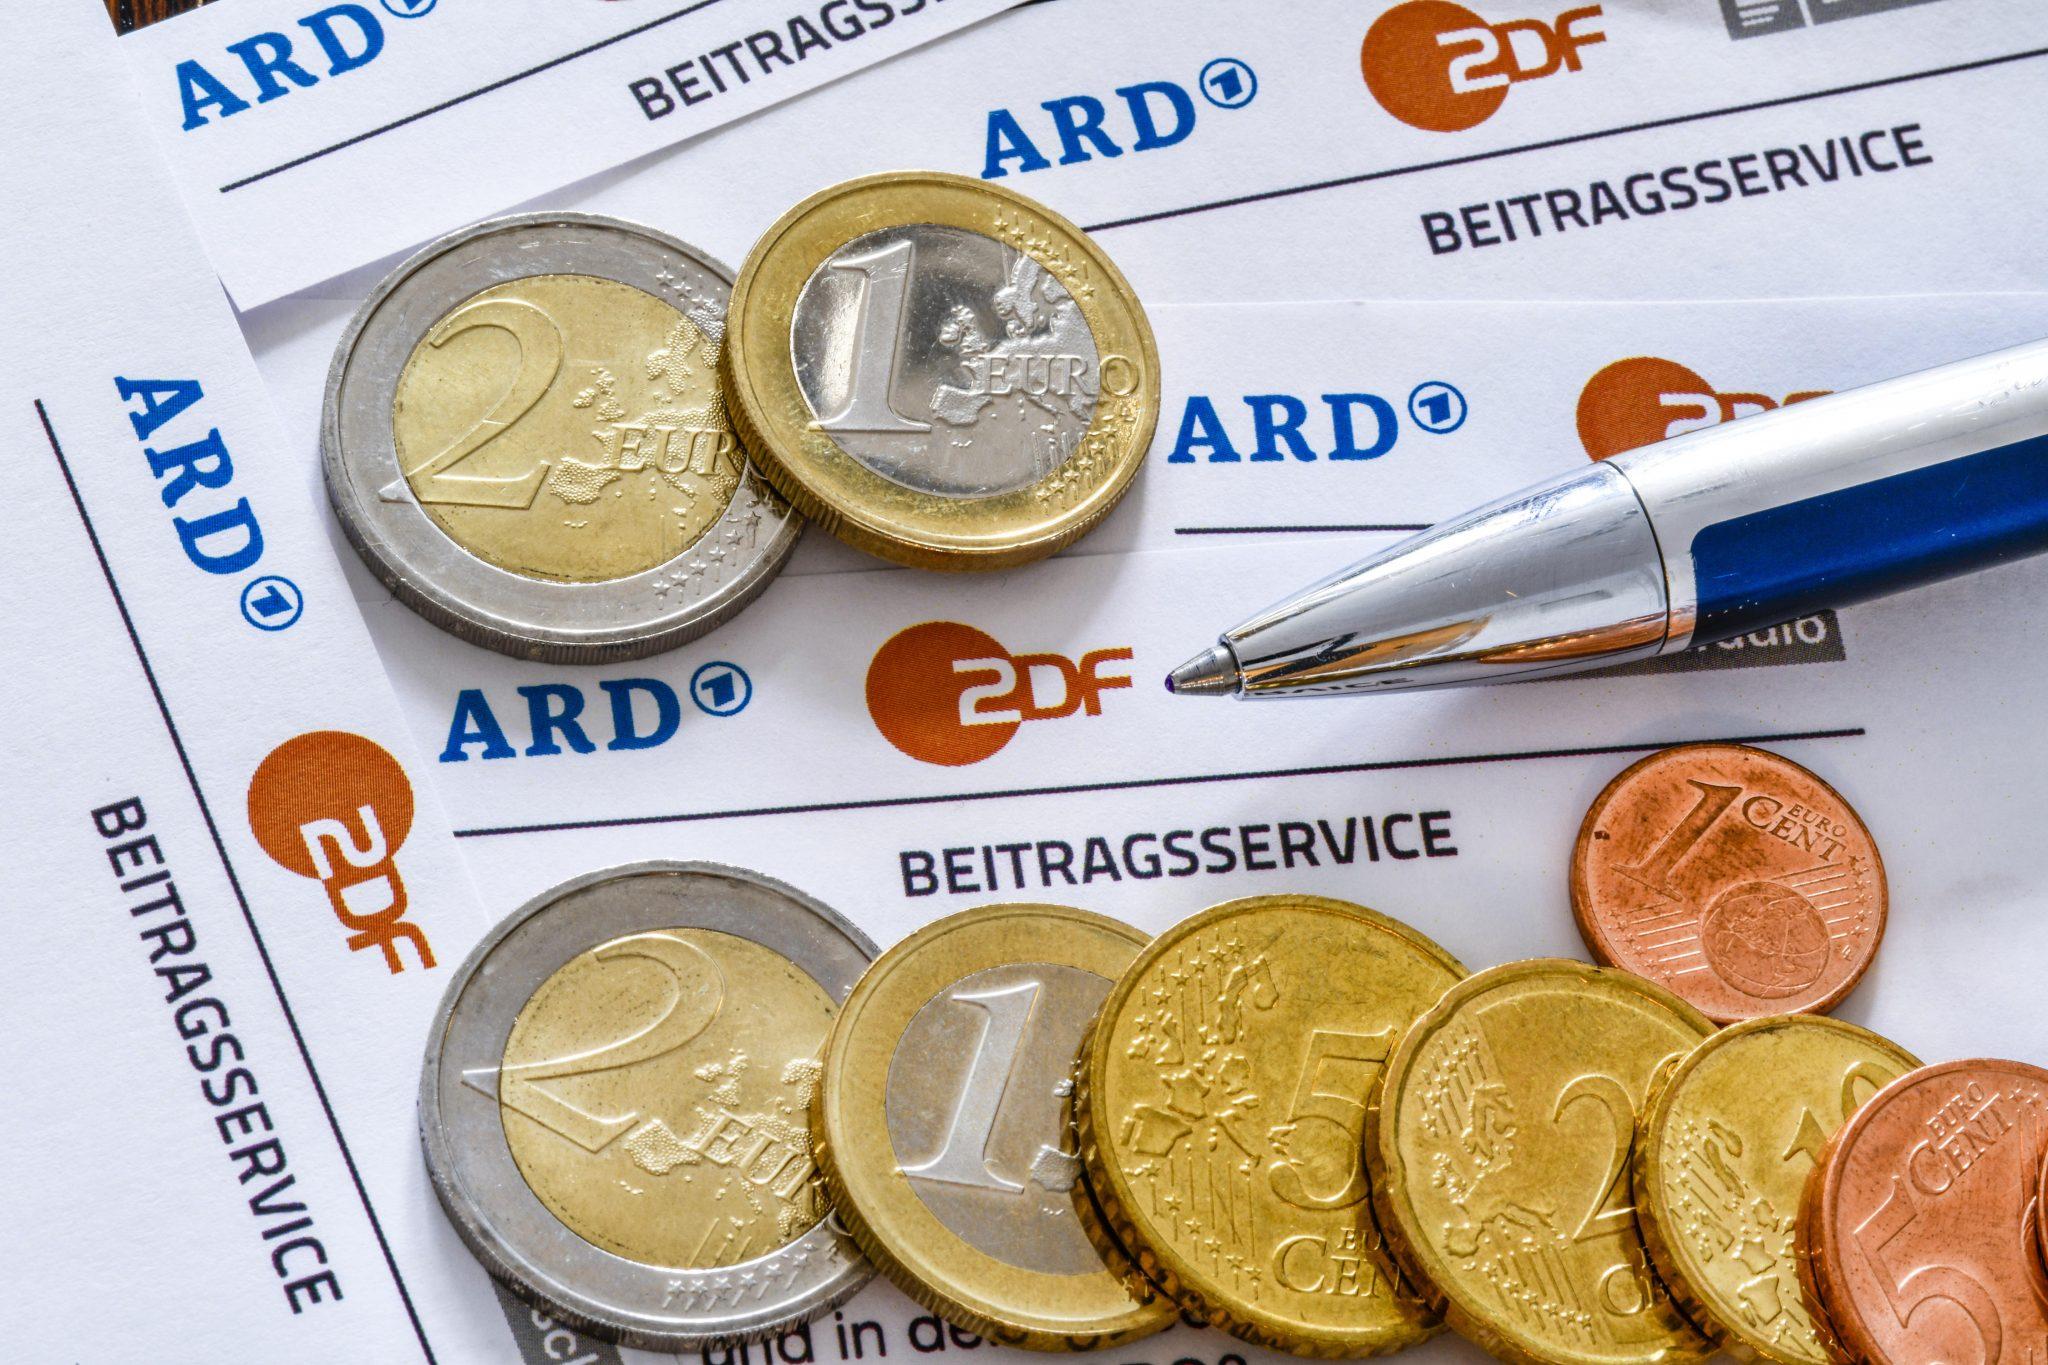 Die GEZ-Rebellen können die Gebühren auch bar zahlen (Symbolbild) Foto: picture alliance/Bildagentur-online